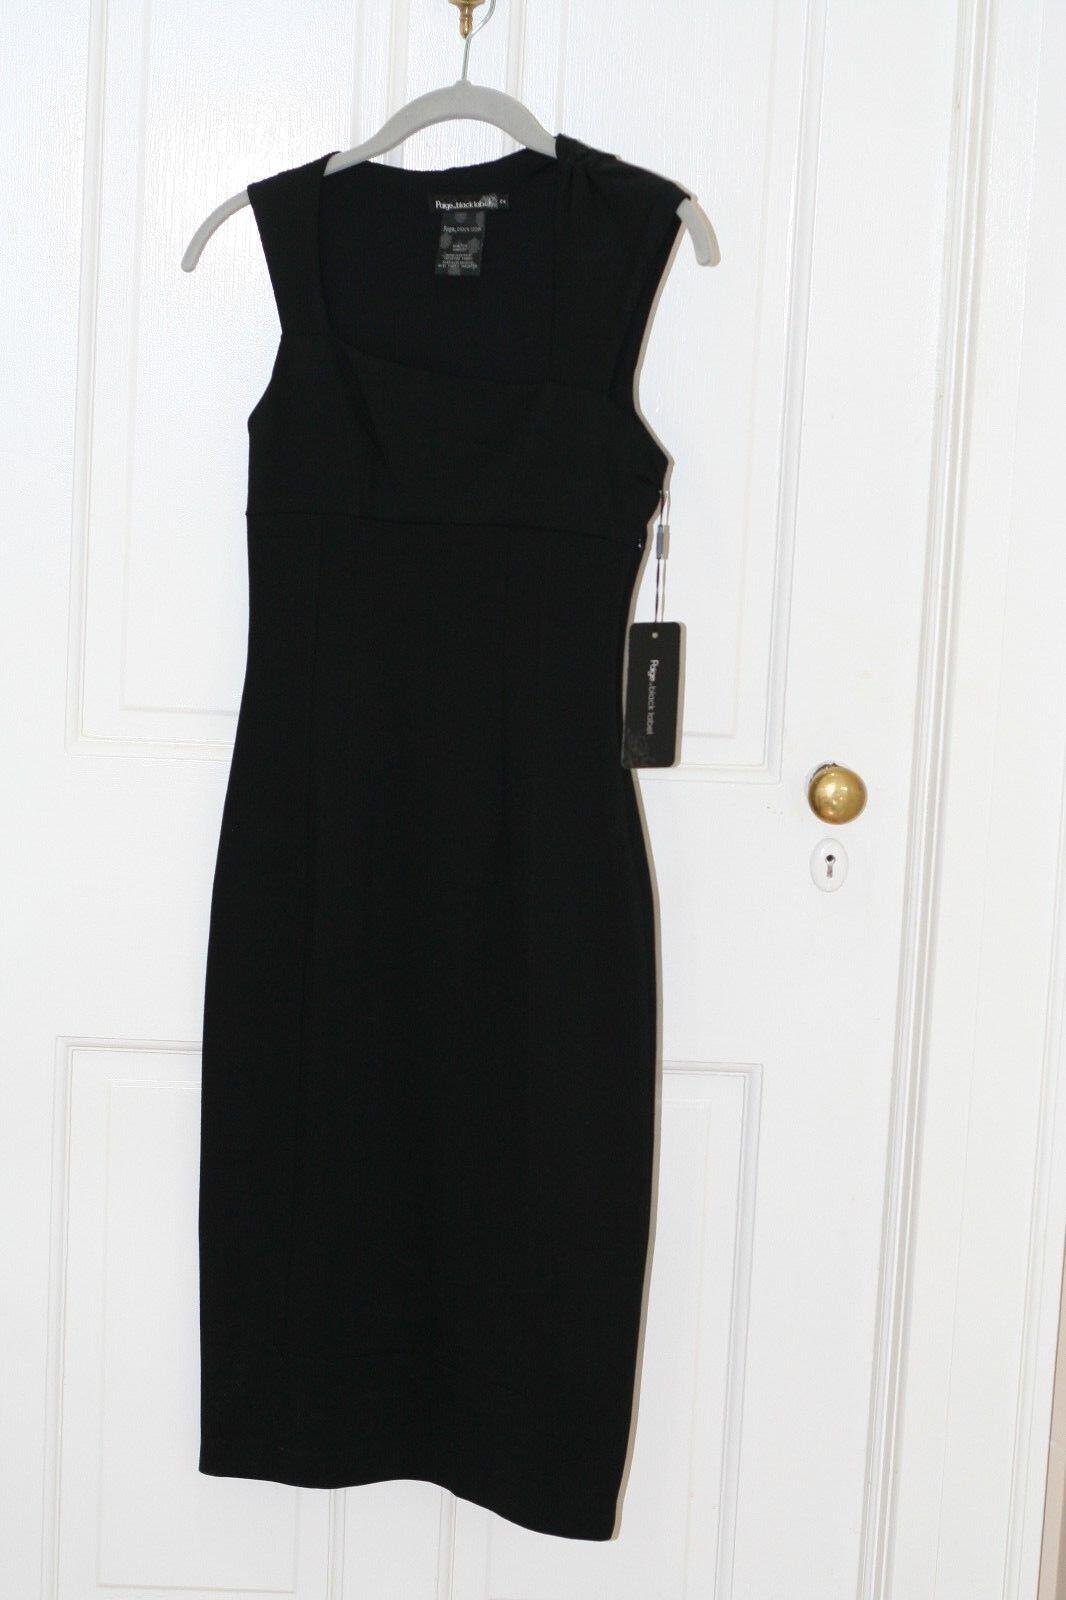 PAIGE schwarz Label Stretch Empire Waist schwarz Dress Sz 2 NWT